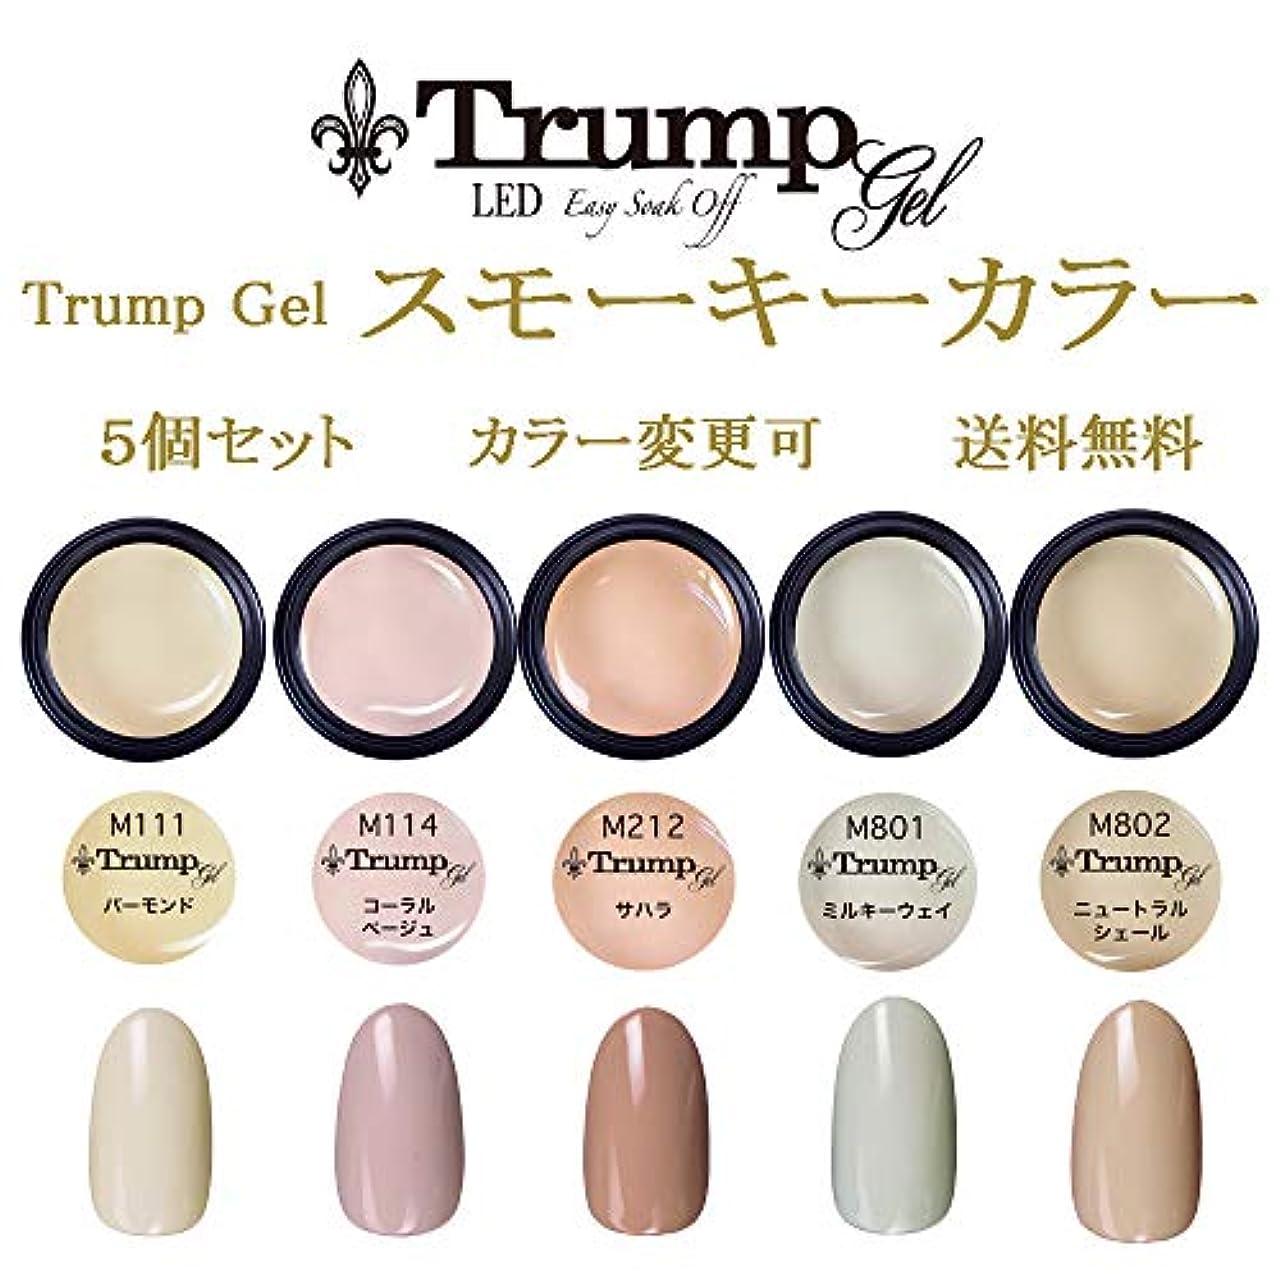 キャップ取り除くピジン日本製 Trump gel トランプジェル スモーキーカラー 選べる カラージェル 5個セット スモーク ベージュ グレー ブラウン ピンク